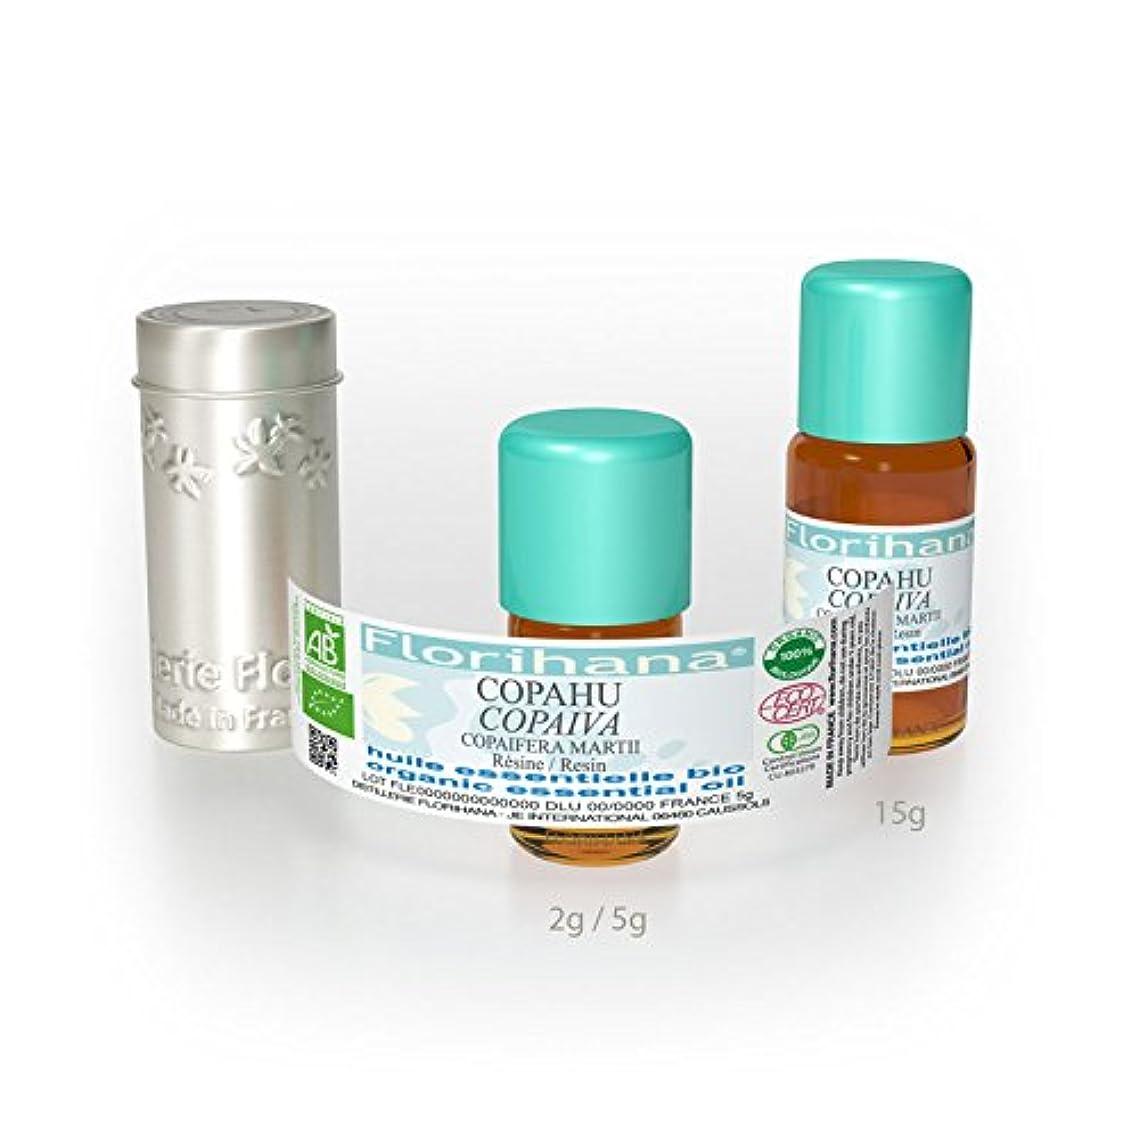 取り扱い統治可能温帯オーガニック エッセンシャルオイル コパイバ (5g(5.6ml))